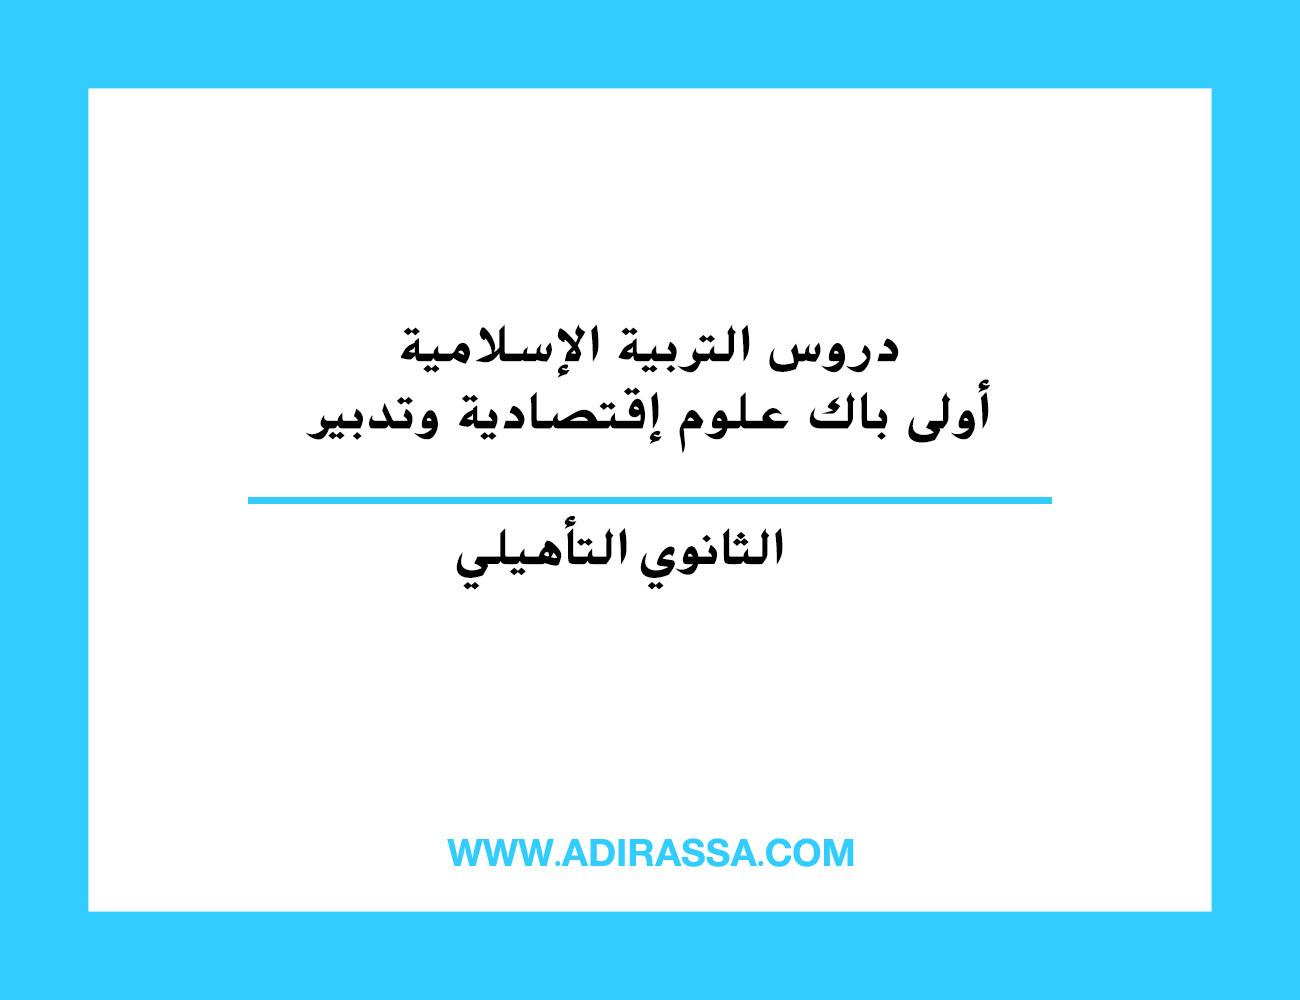 دروس التربية الإسلامية أولى باكالوريا علوم إقتصادية وتدبير المقررة في المغرب